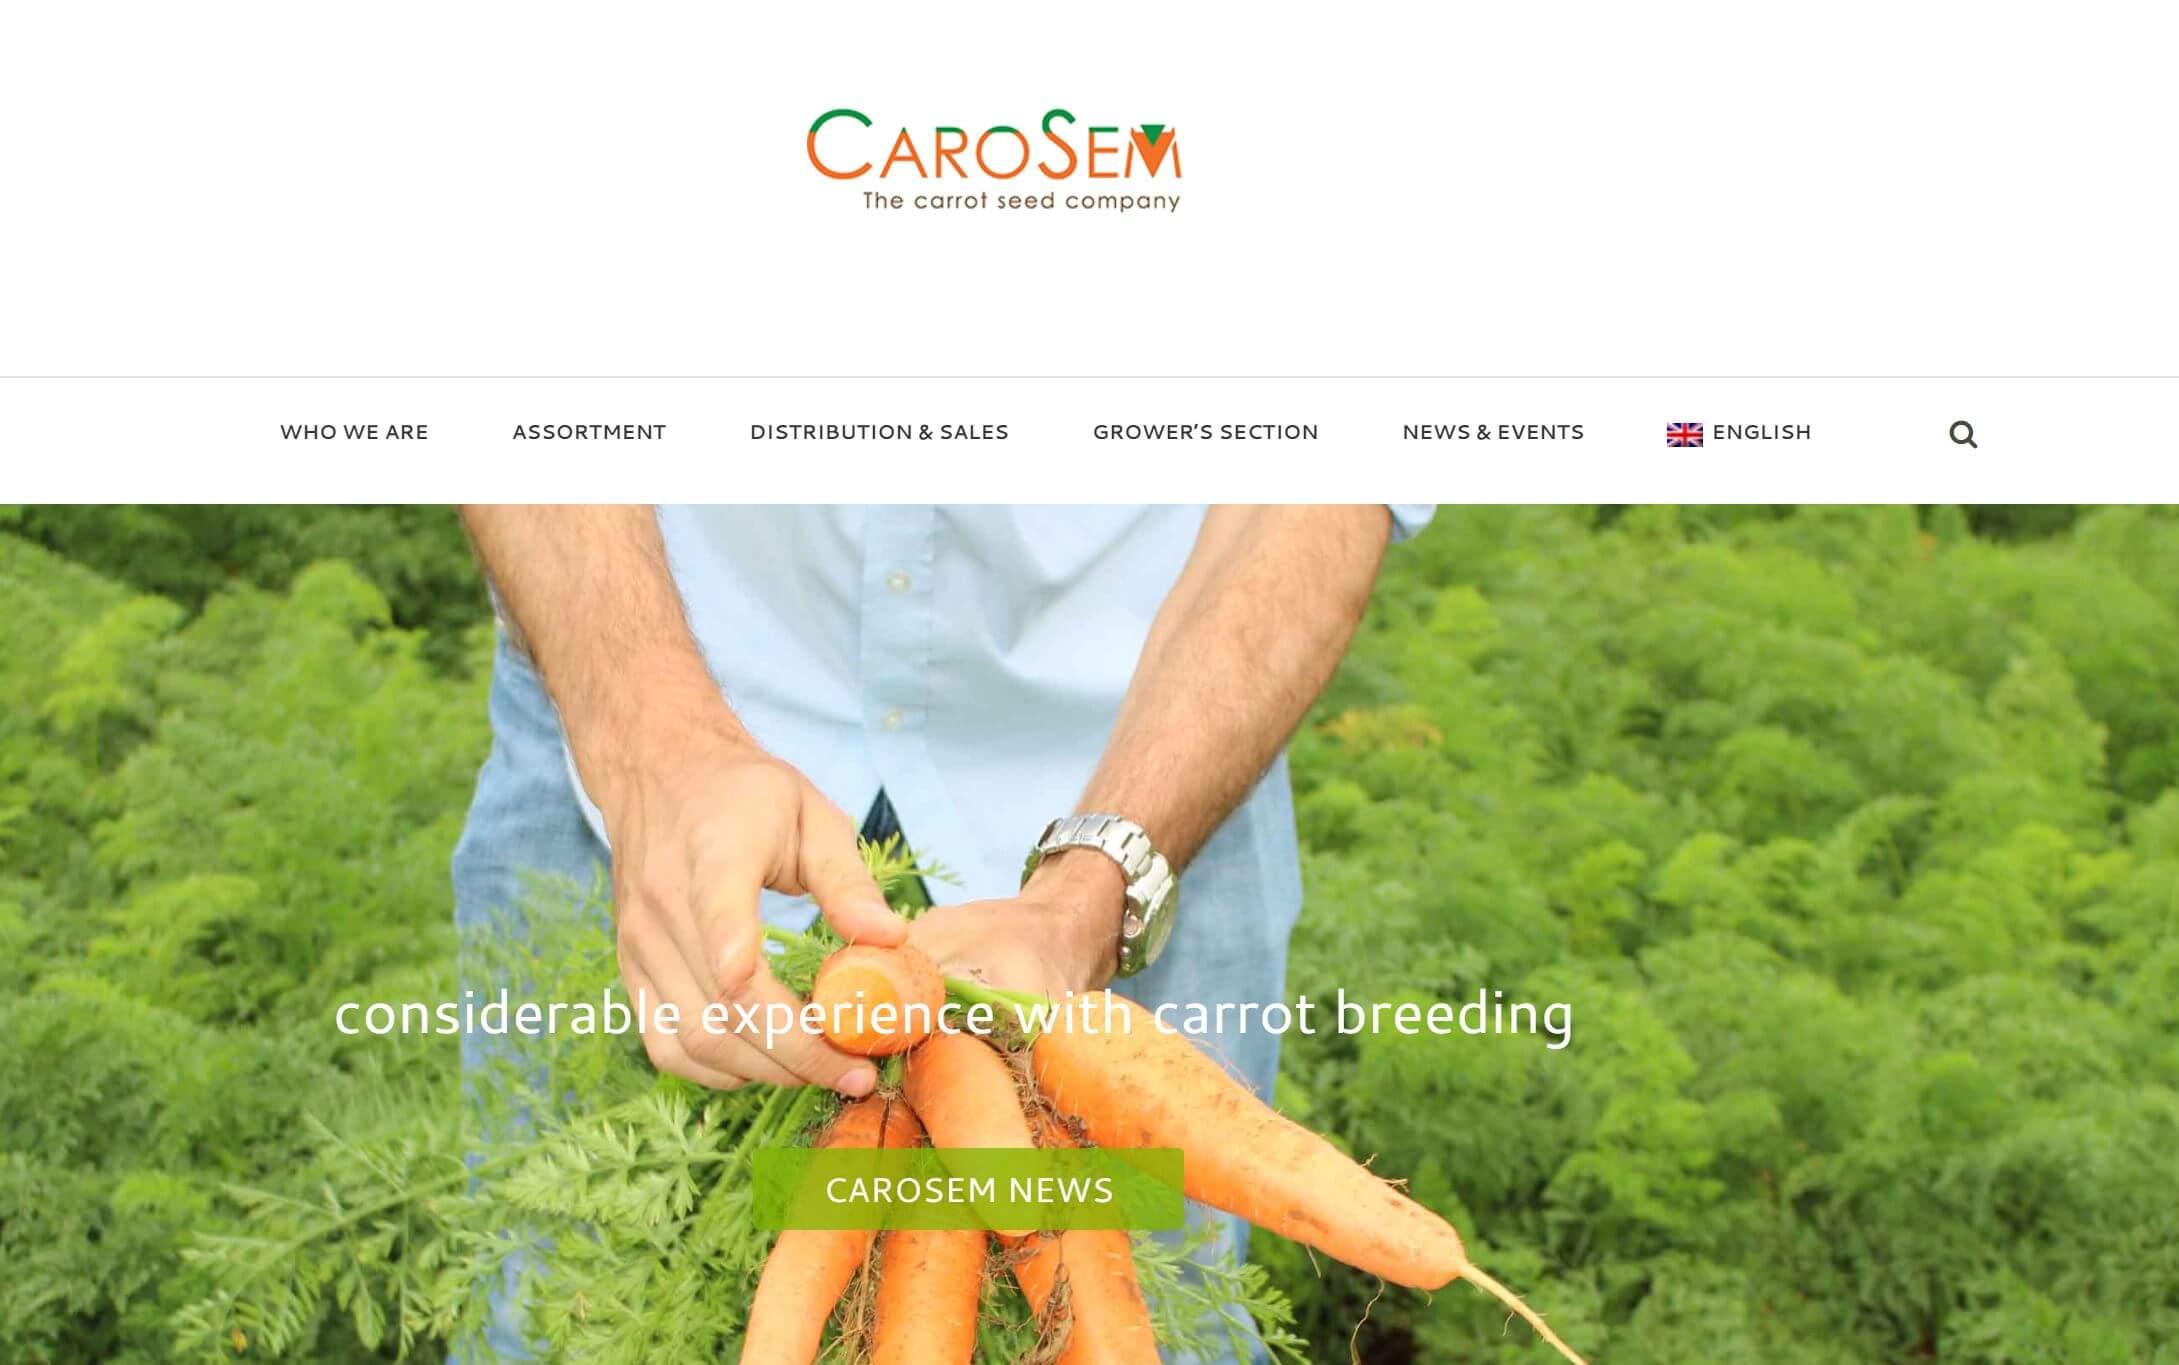 Webstránka carosem